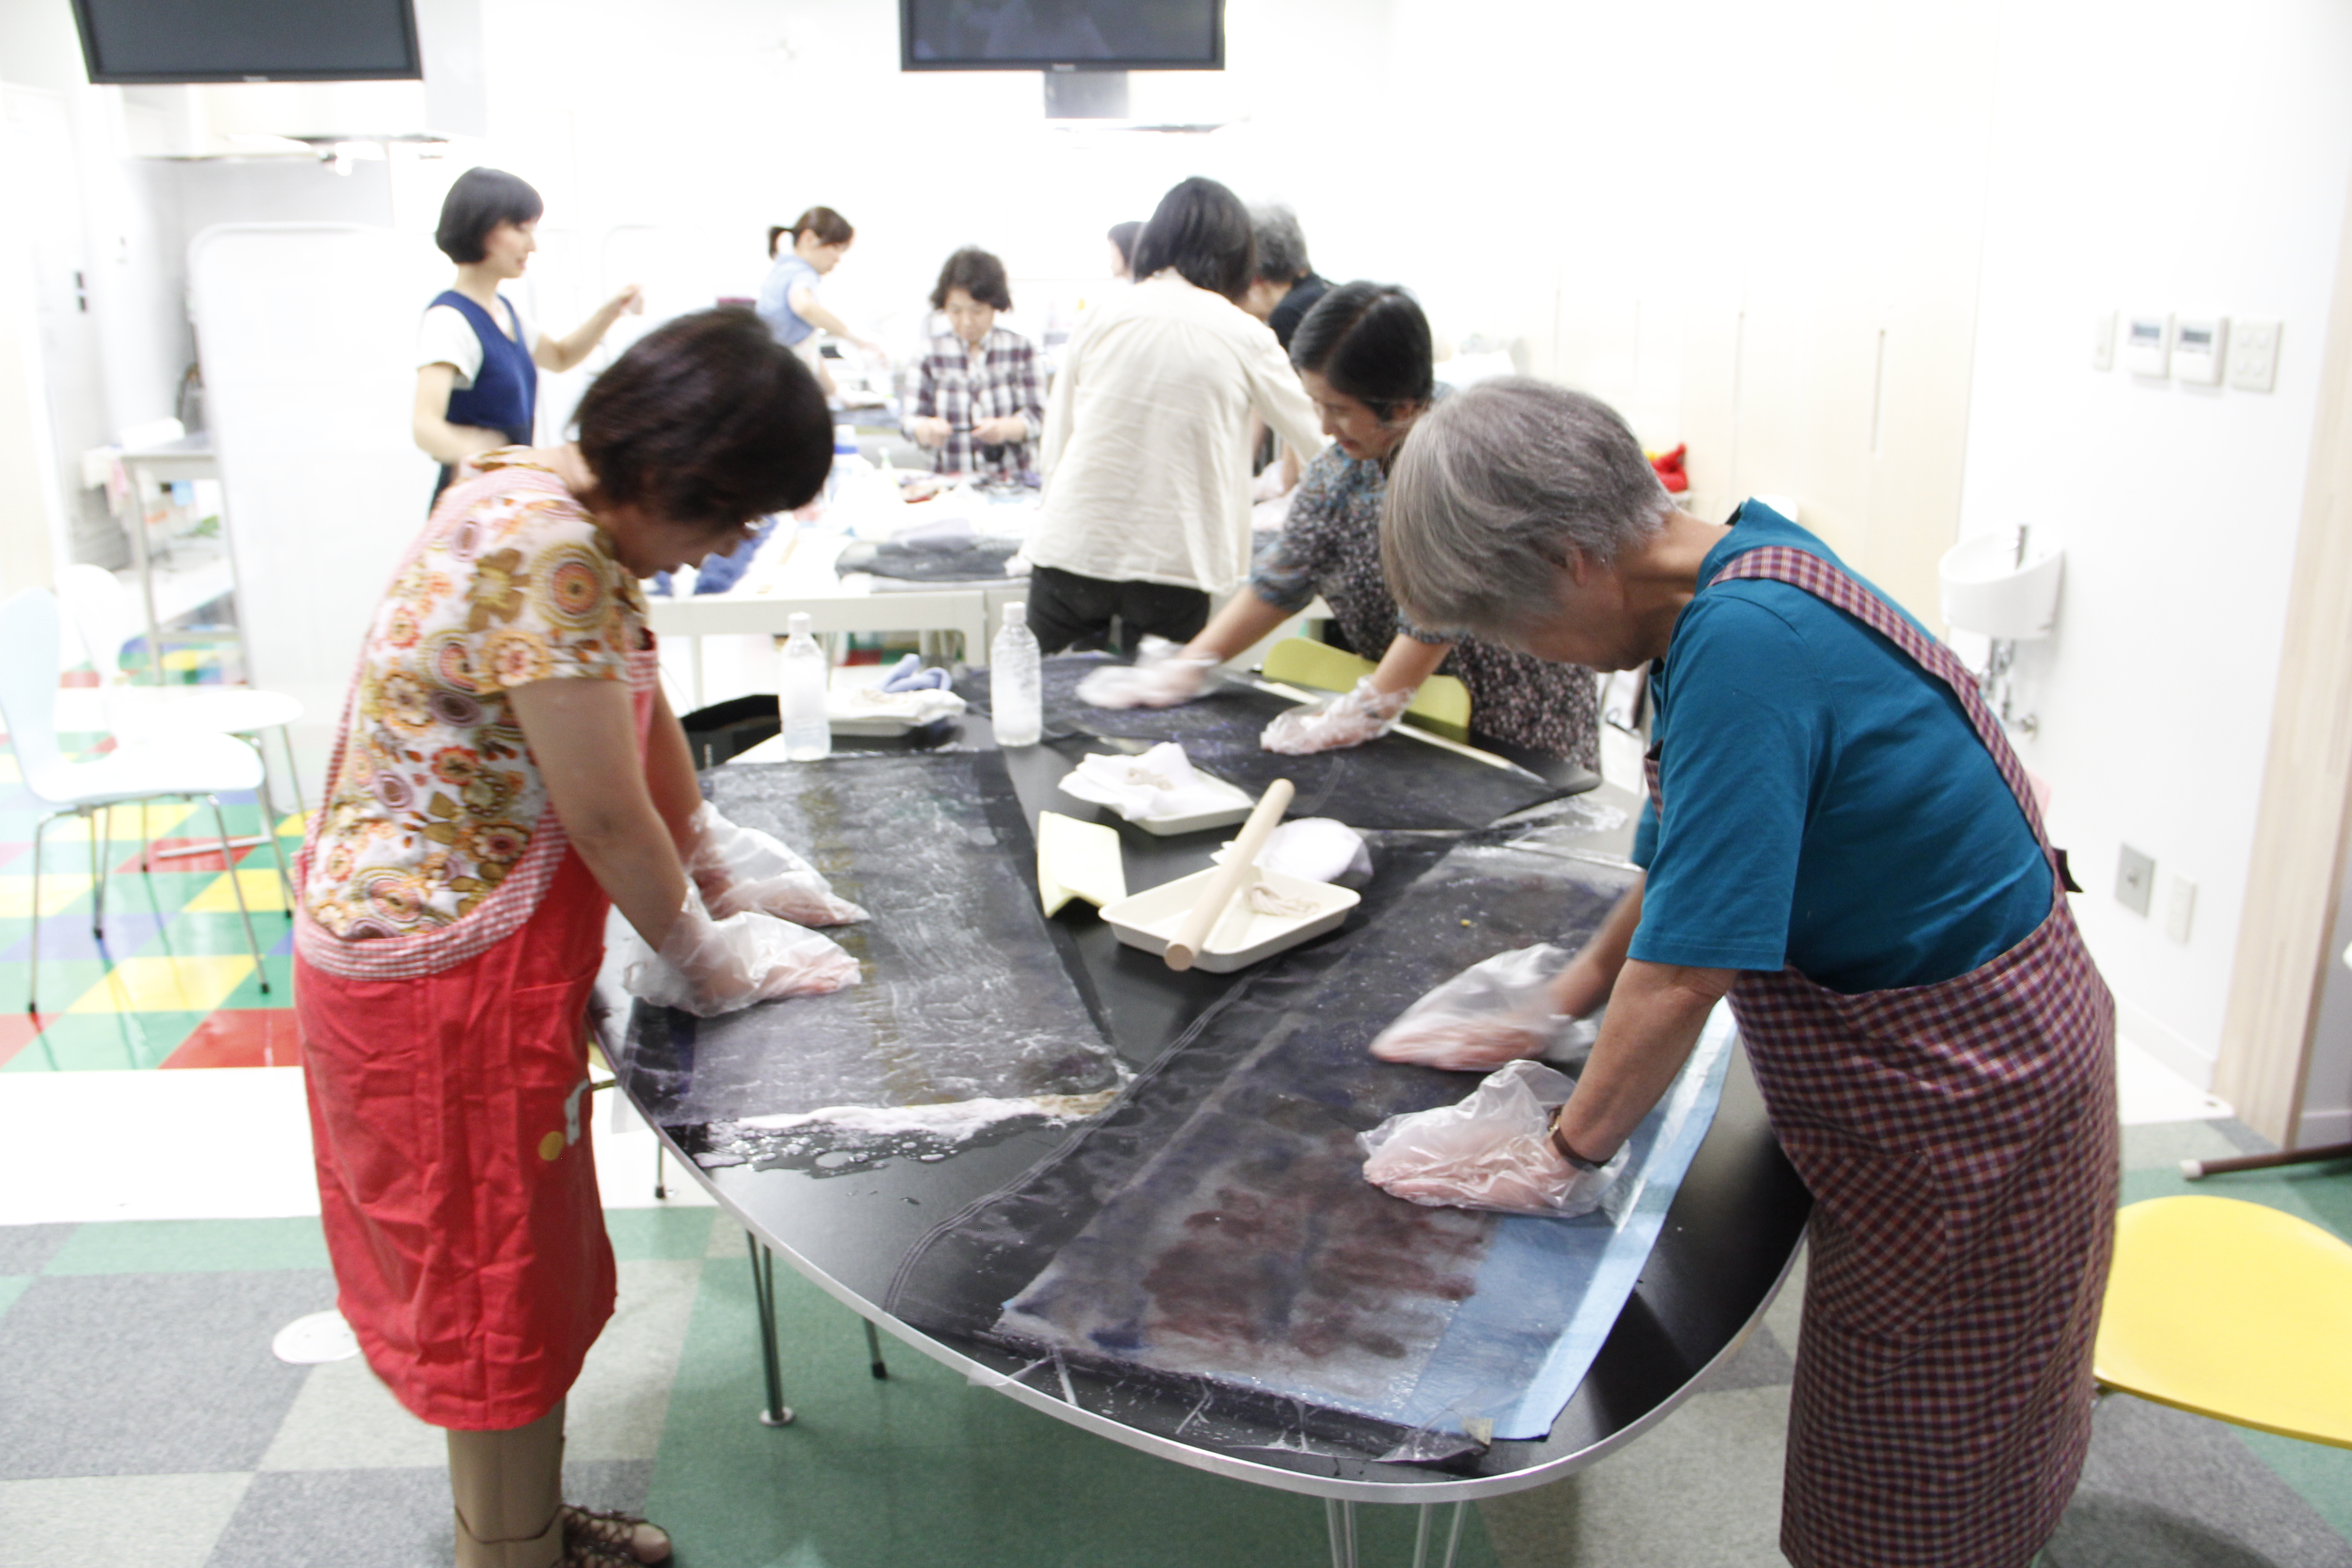 http://hacchi.jp/blog/upload/images/20130917_5.JPG